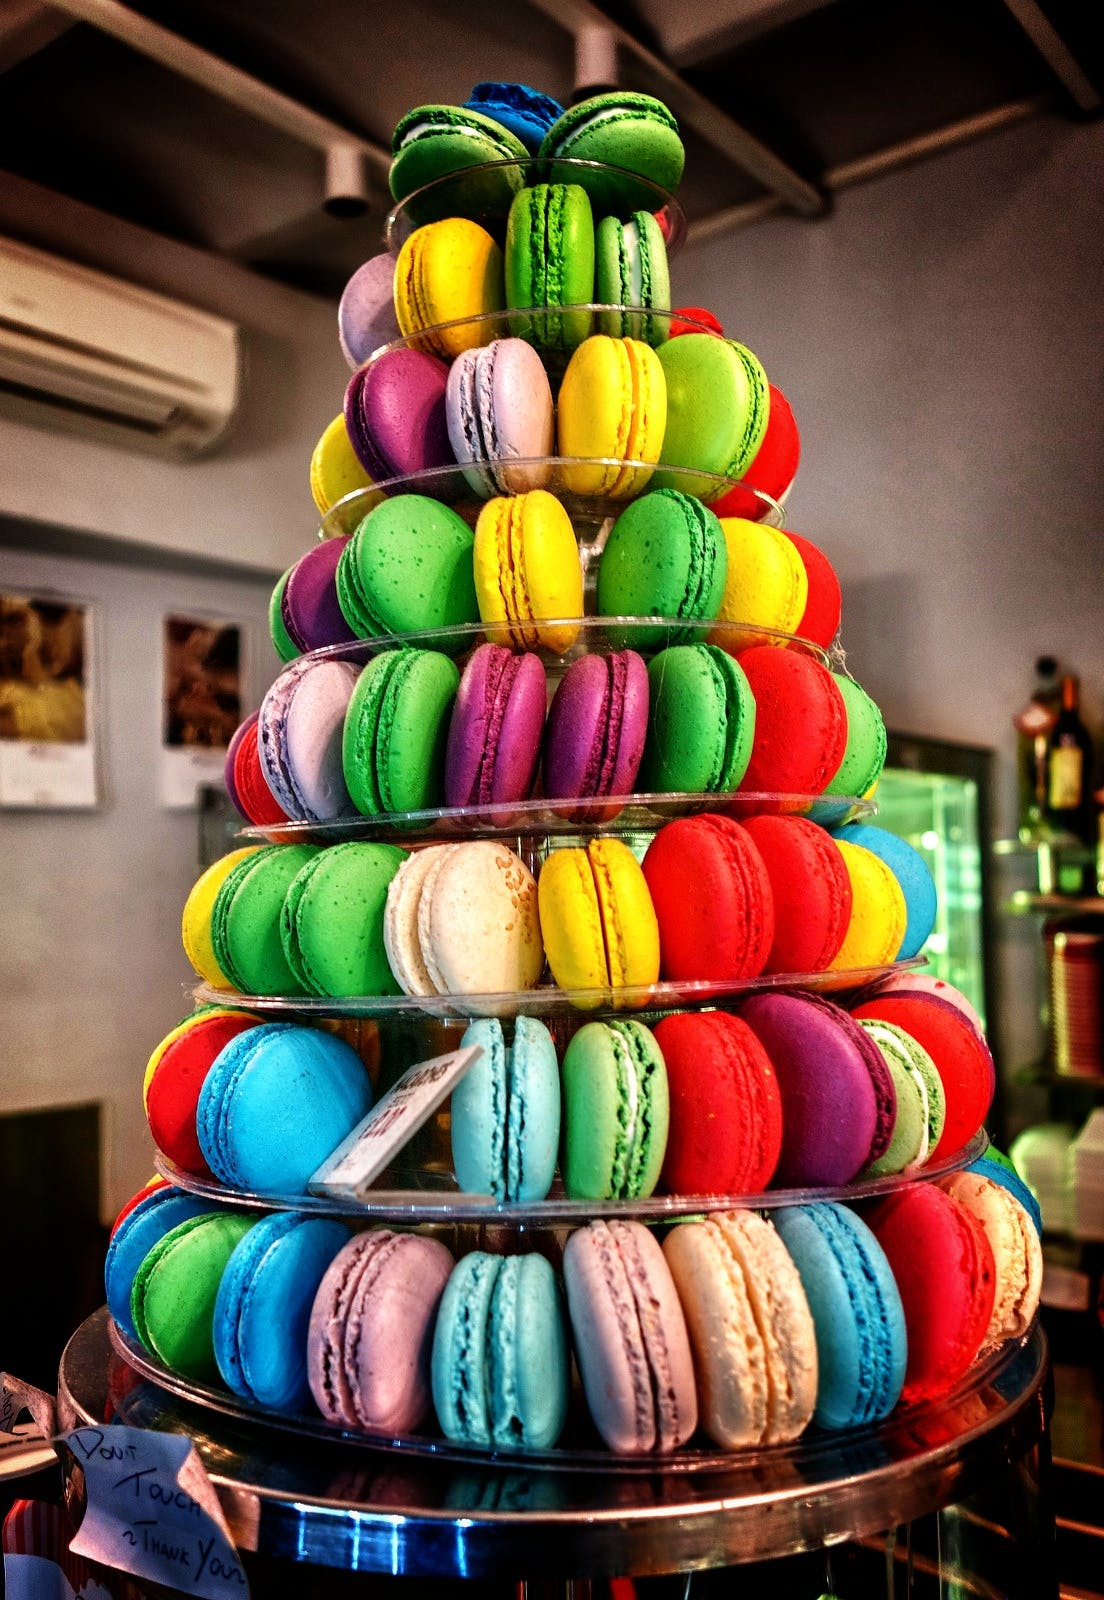 다채로운, 단 것, 음식의 무료 스톡 사진